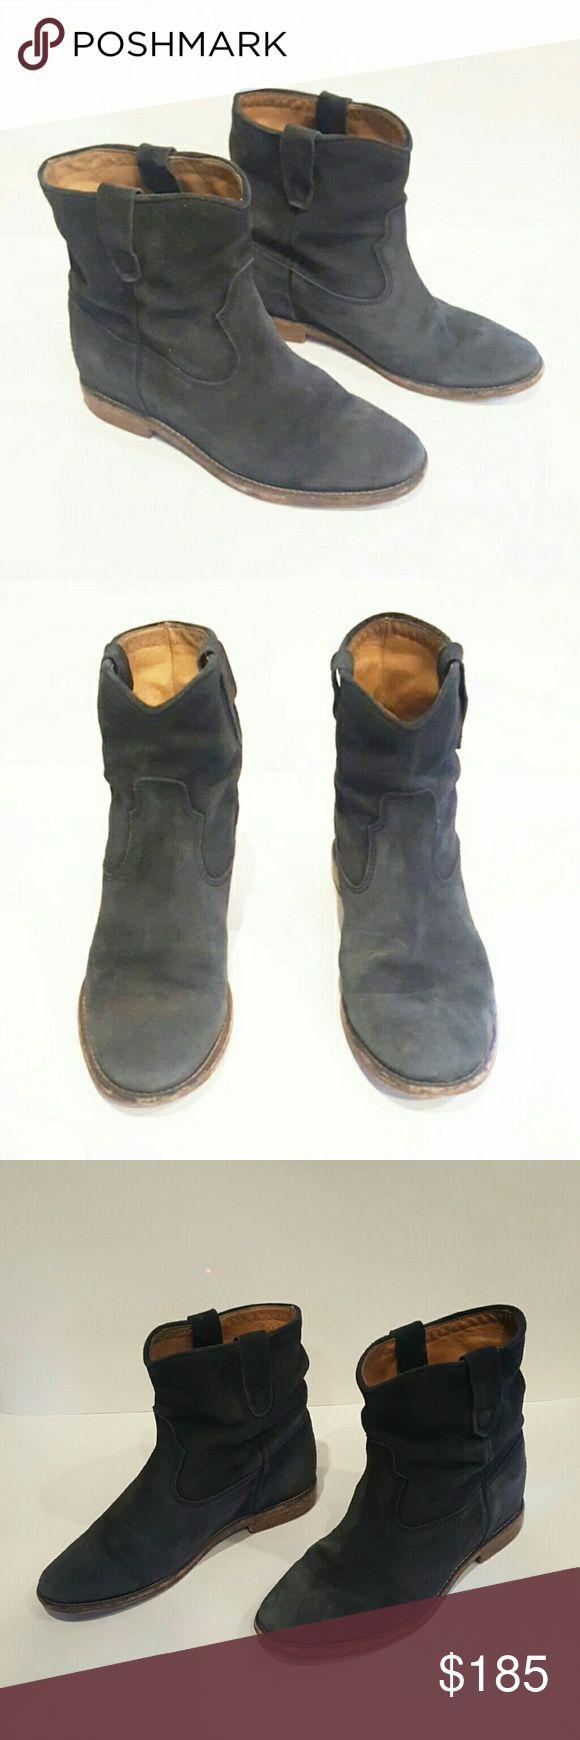 ISABEL MARANT GREY SUEDE HIDDEN WEDGE BOOTIES ISABEL MARANT ETOILE HIDDEN WEDGE BOOTIE BOOTS ANKLE  GUC SOME DAMAGE TO HEEL OVERALL GREAT SHAPE  MADE IN PORTUGAL Isabel Marant Shoes Ankle Boots & Booties